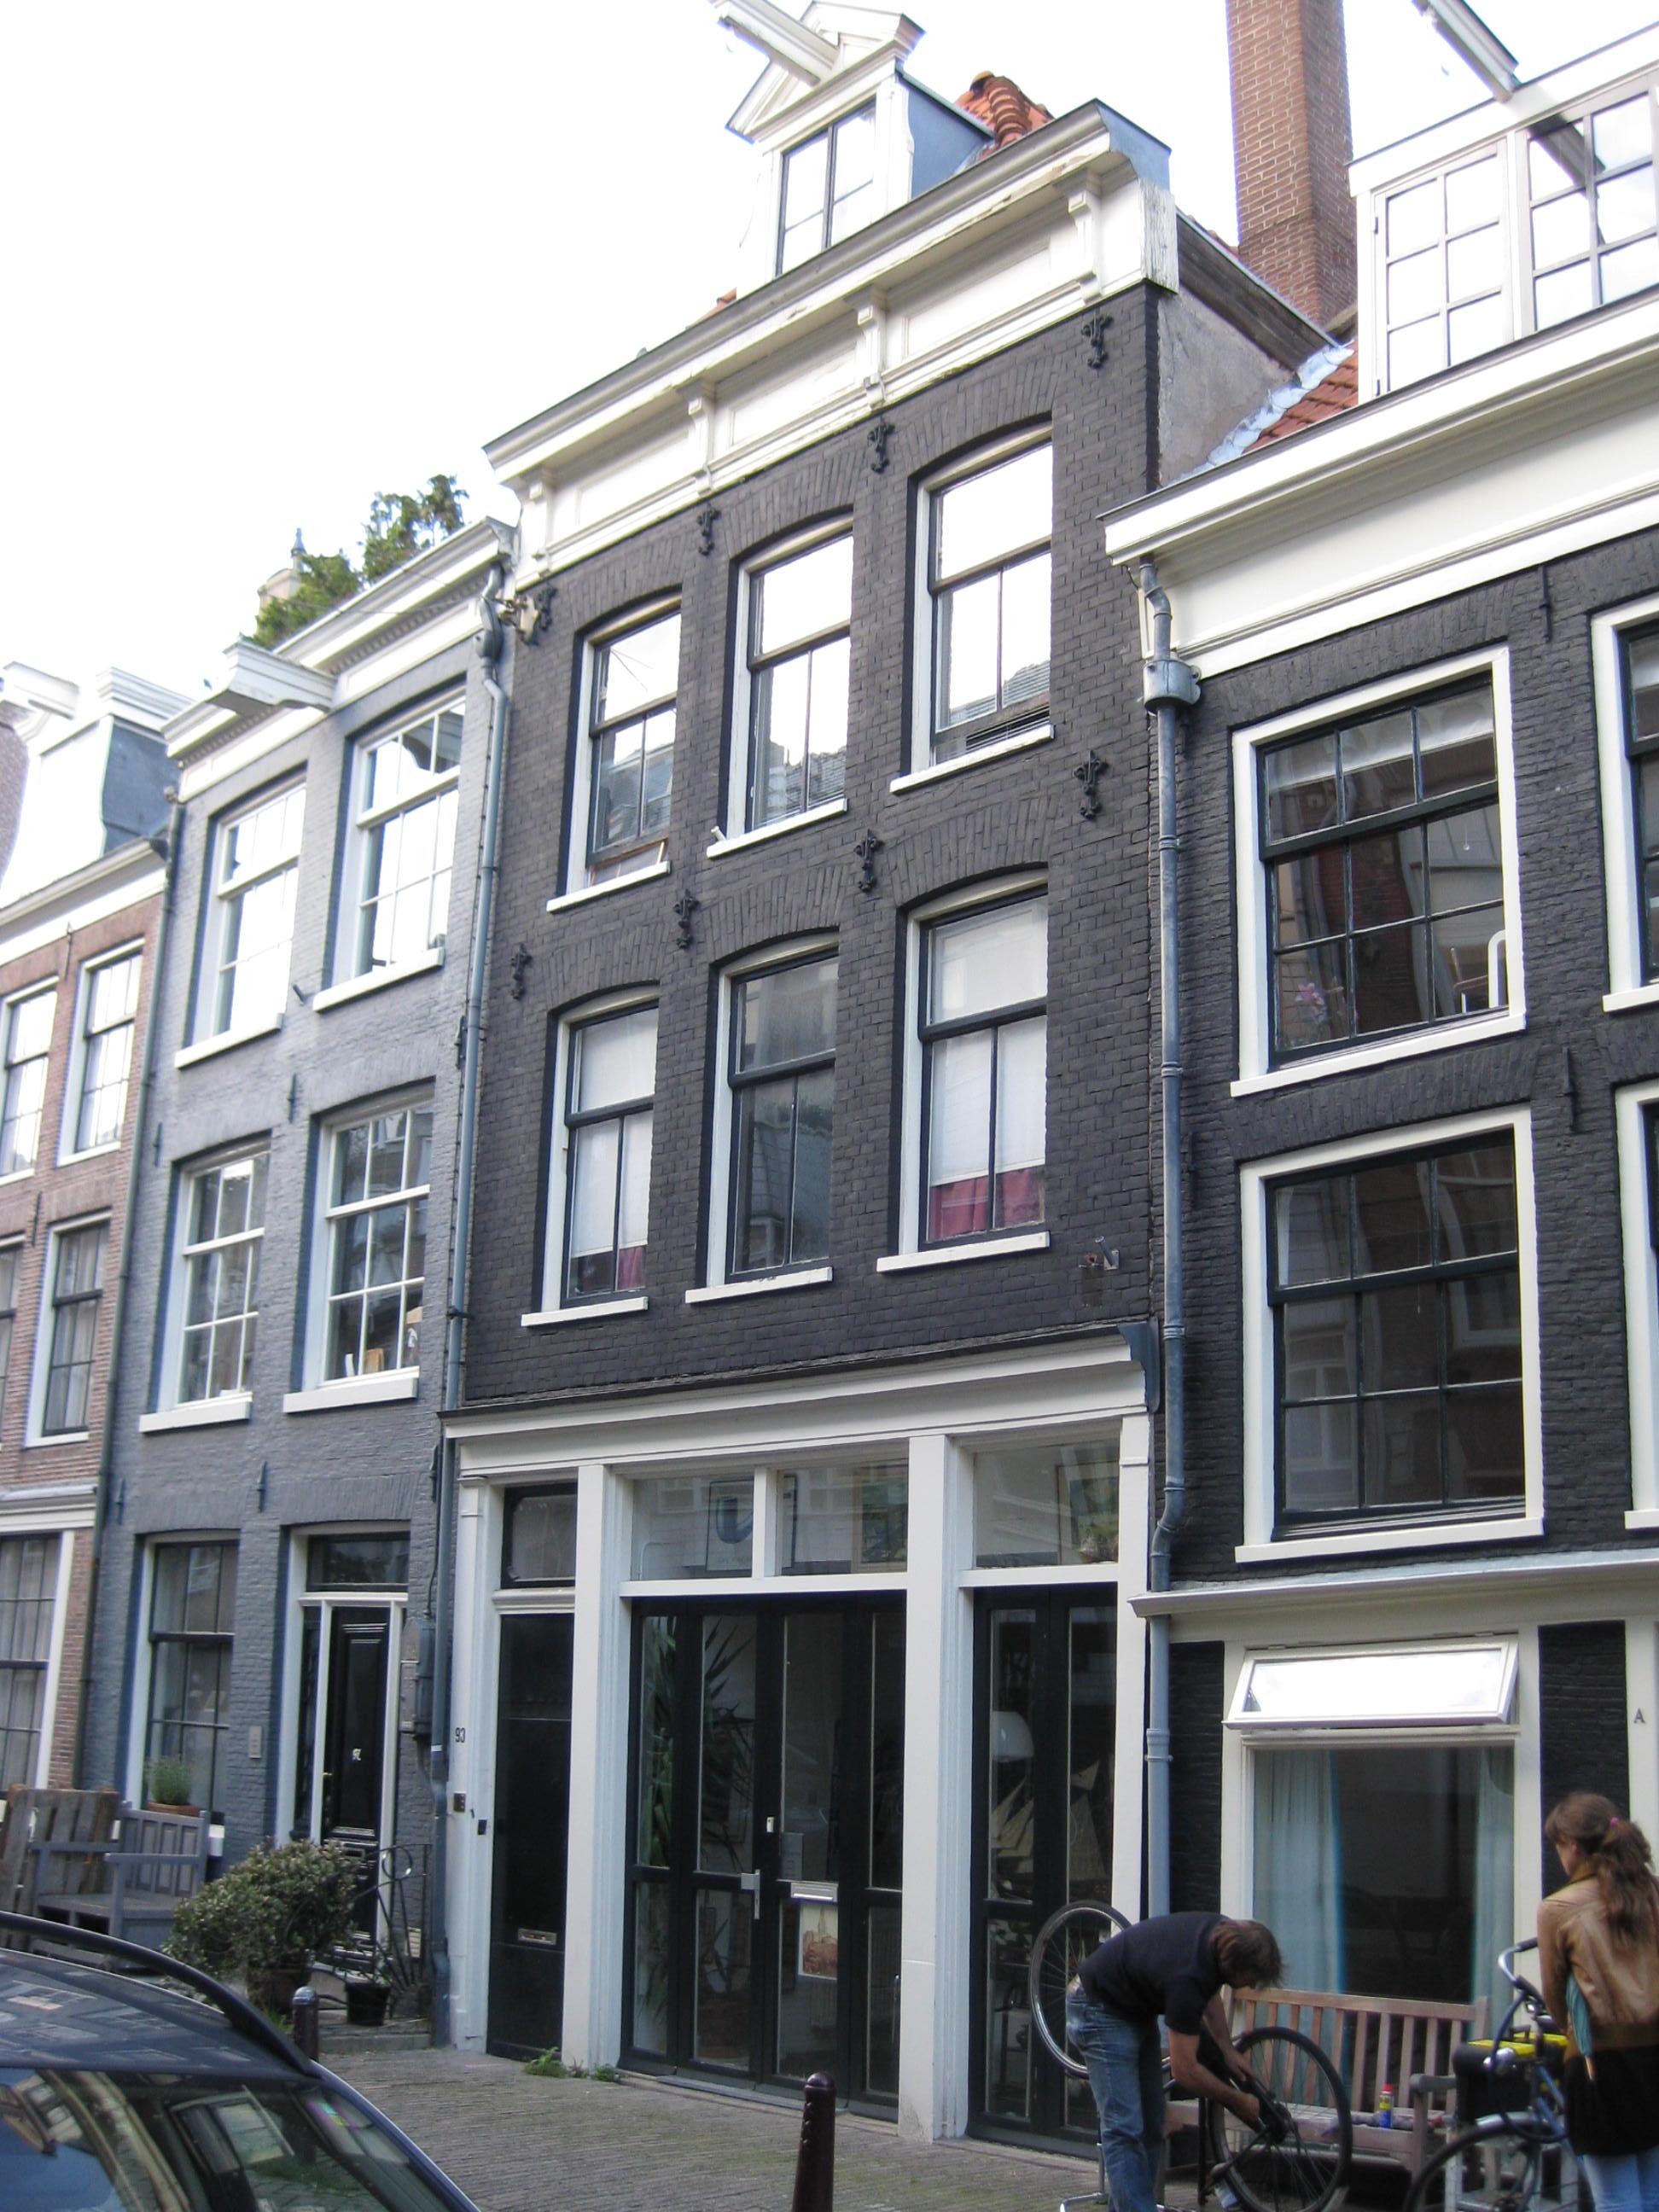 Huis onder schilddak en voorzien van een gevel onder rechte lijst met consoles in amsterdam - Provencaalse huis gevel ...